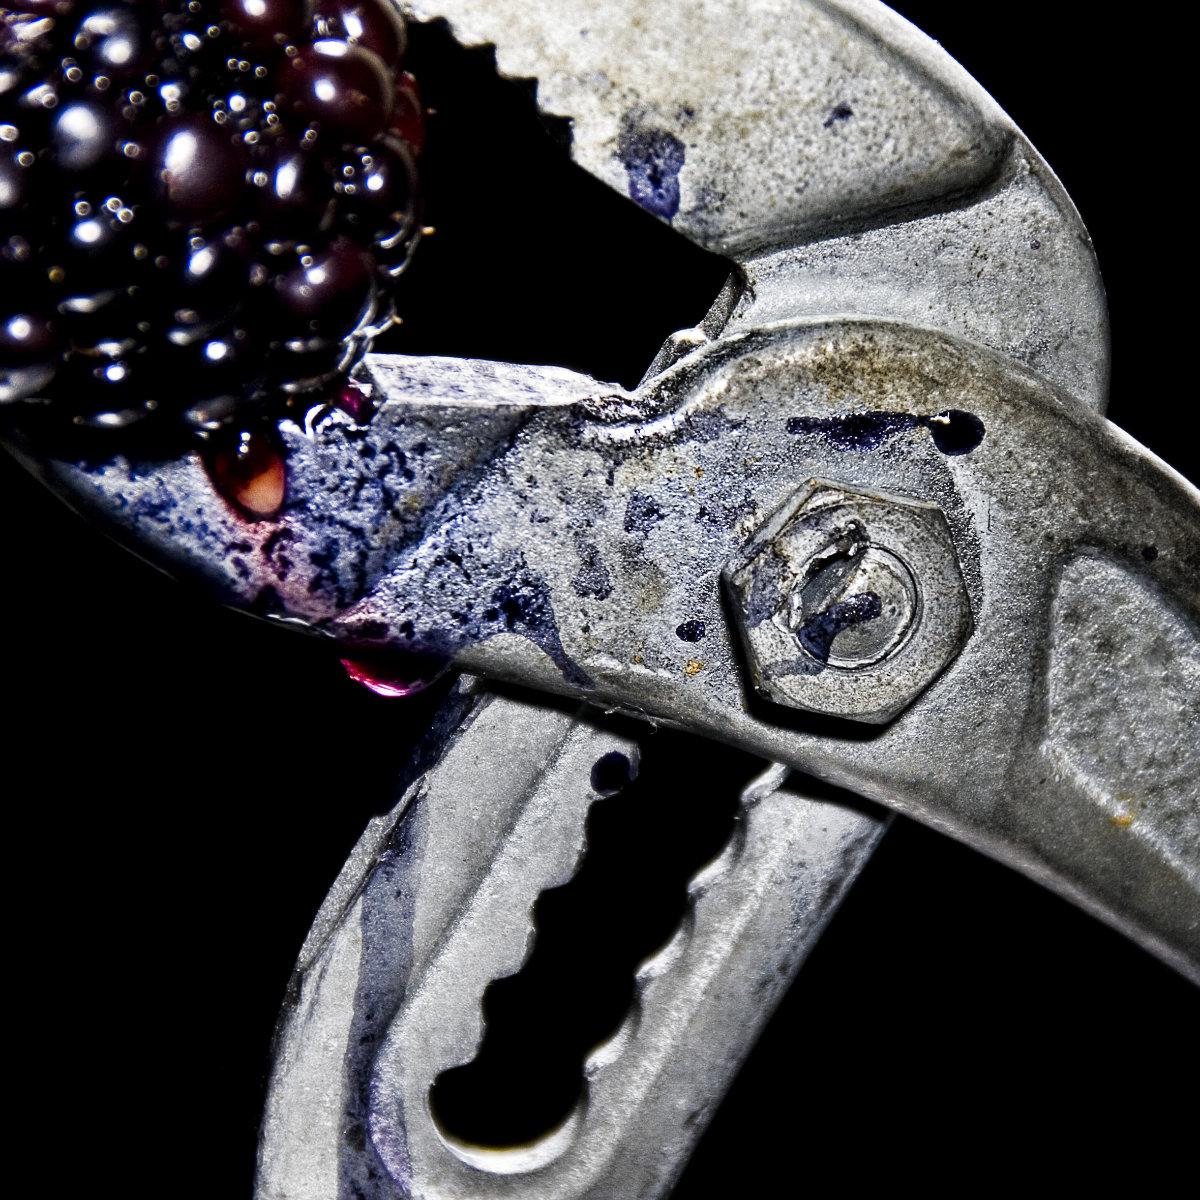 fruit_6.jpg